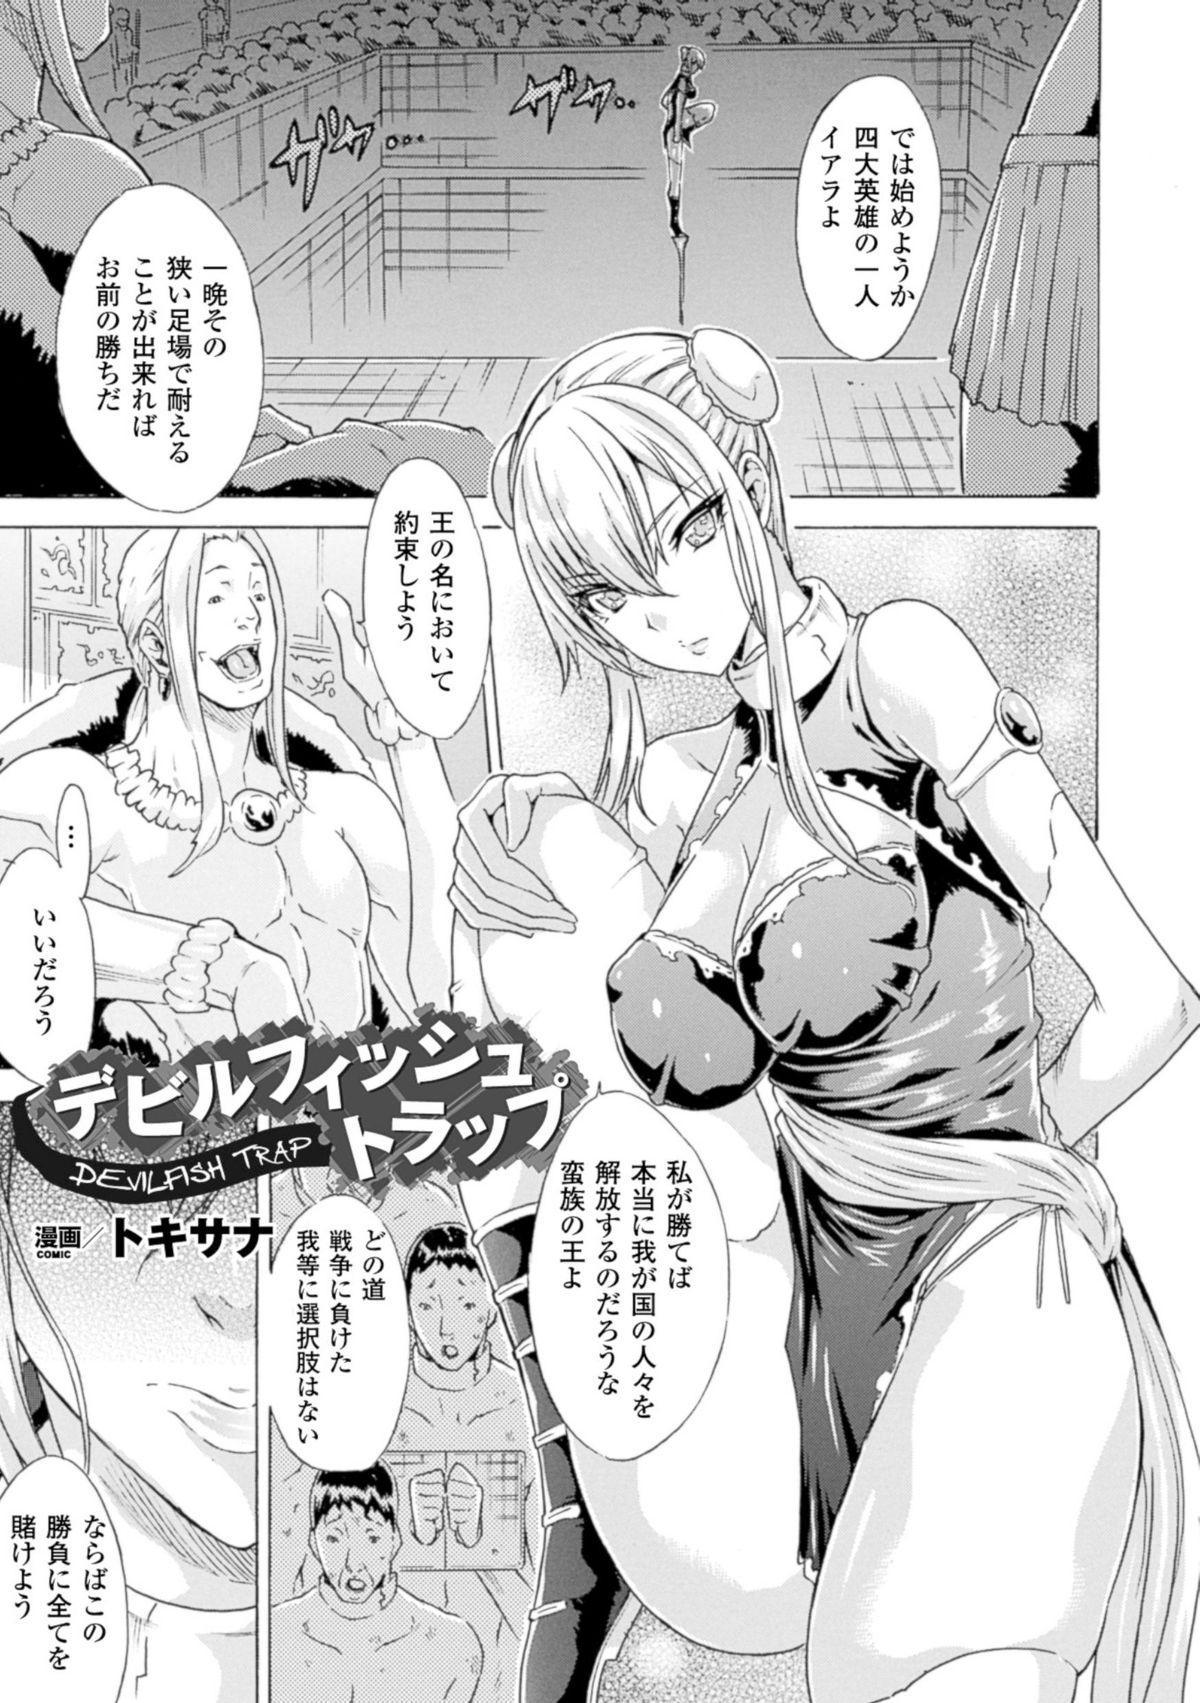 2D Comic Magazine Suisei Seibutsu ni Okasareru Heroine-tachi Vol. 1 4